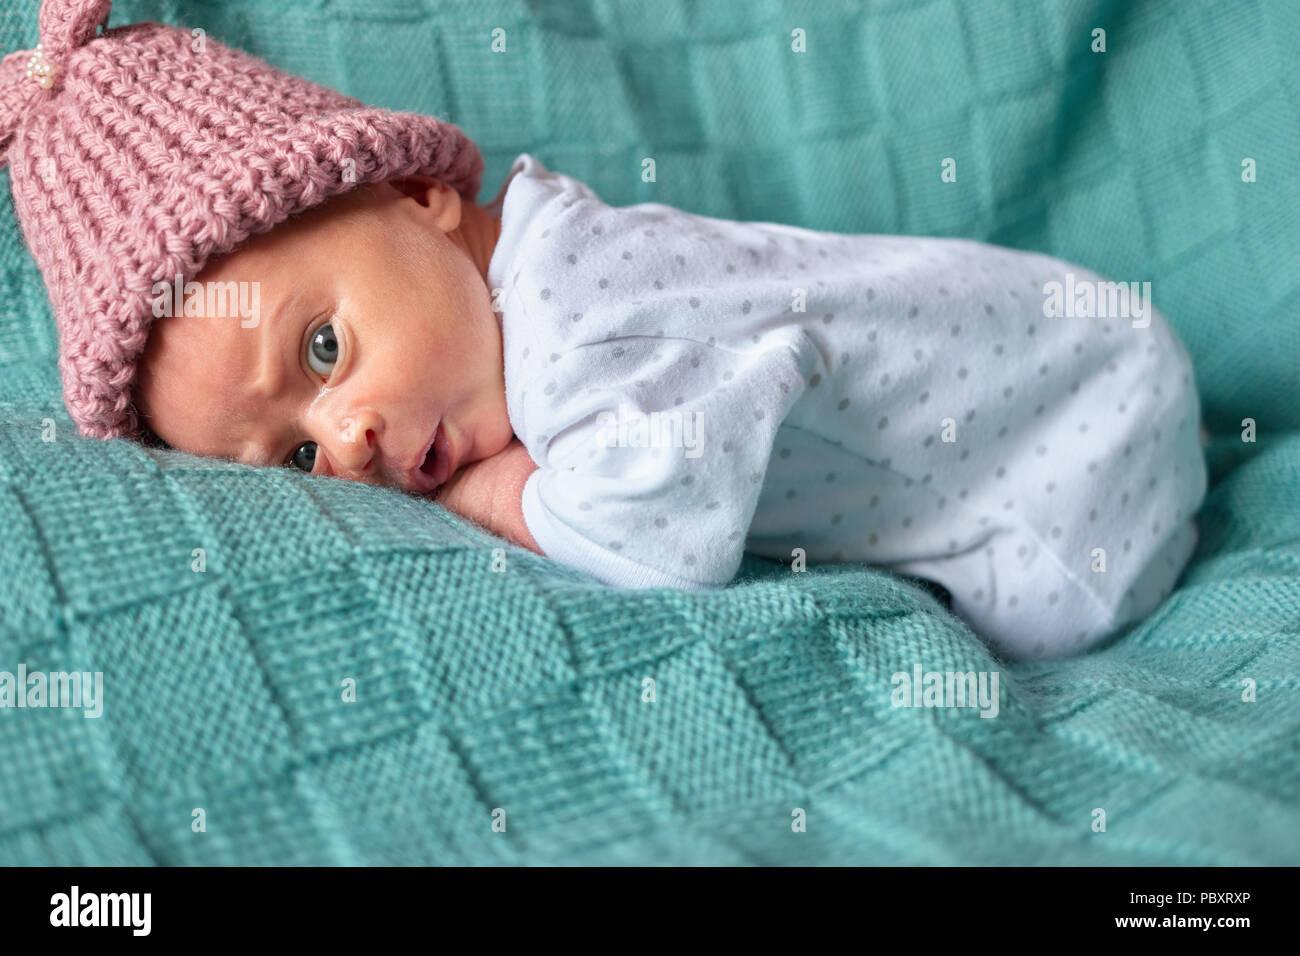 461d812ae89d1 Nouveau-né bébé fille surpris au lit. Vêtements chauds d hiver ...